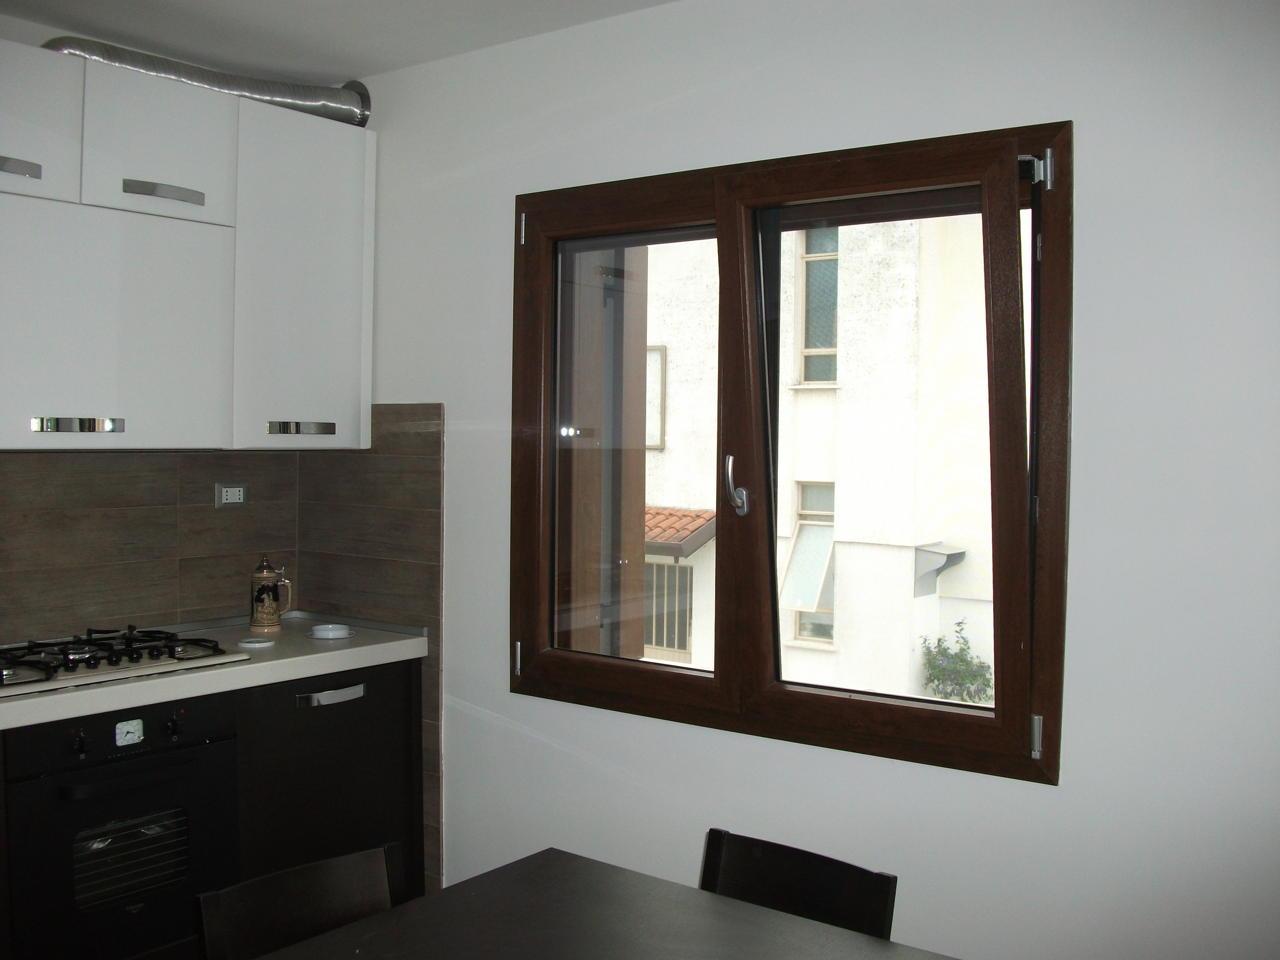 Contatti Ufficio Linea Emme Serramenti Realizzazioni In Pvc Finestre E Porte 20